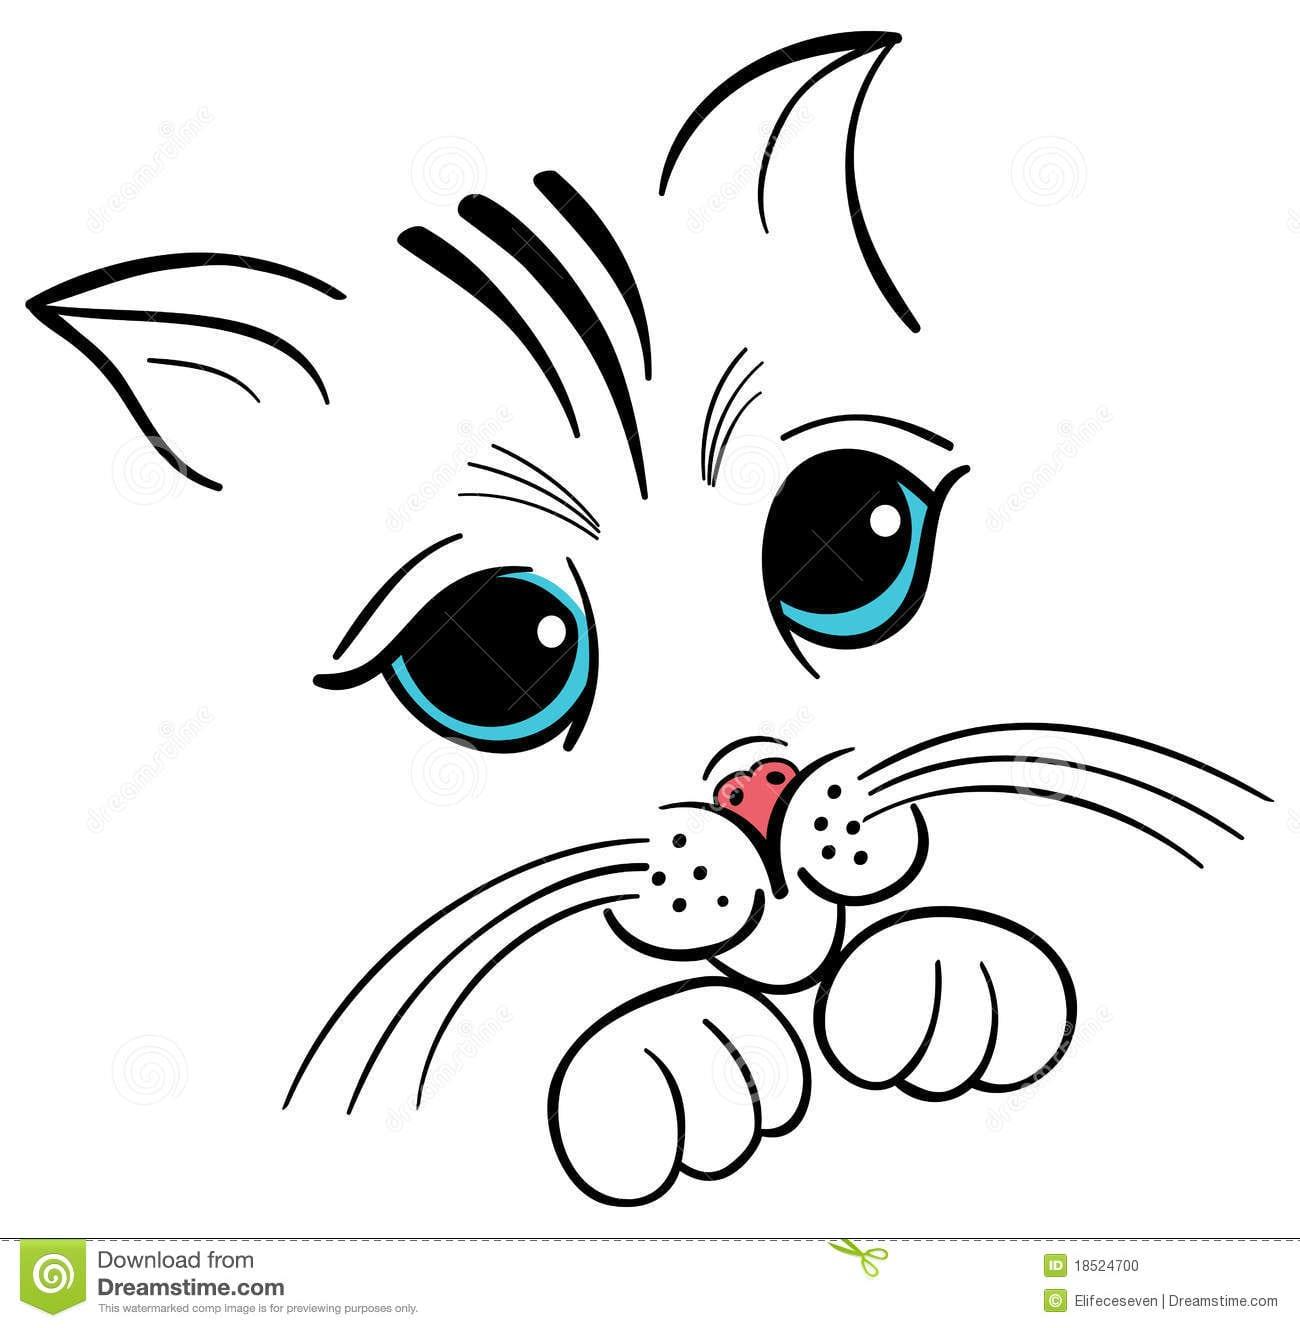 Desenho Da Face Do Gatinho Ilustração Do Vetor  Imagem De Cheerful